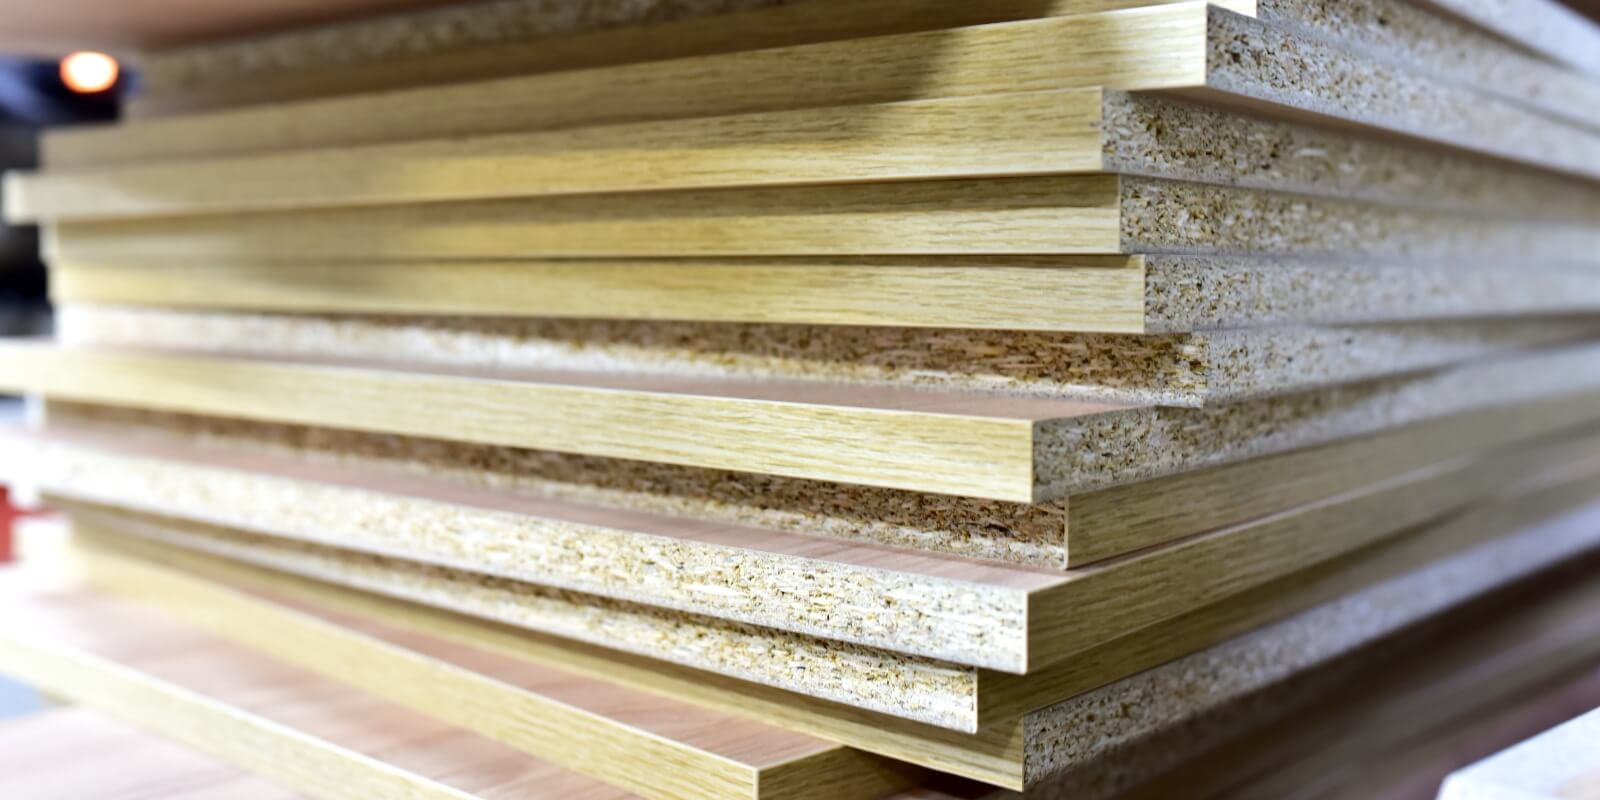 medium-density fibreboard